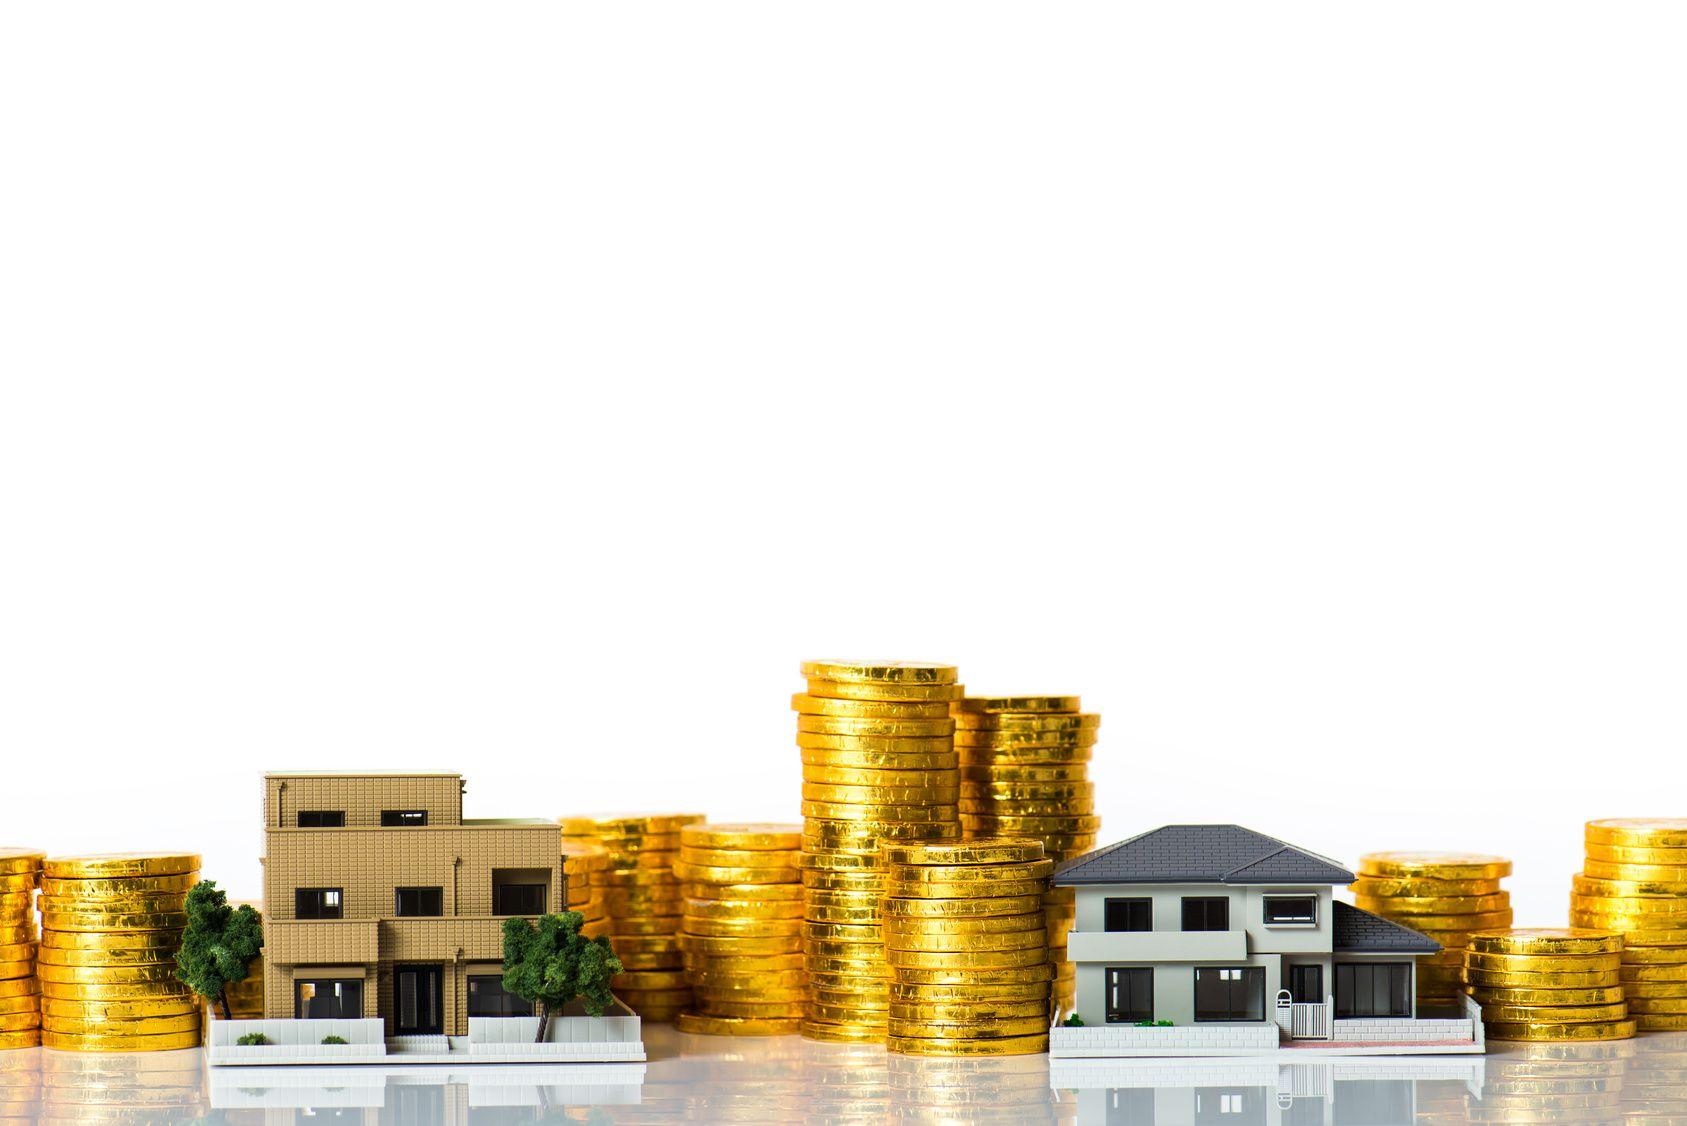 資産を増やし続けるお金持ち…どんな投資先を選んでいるのか?